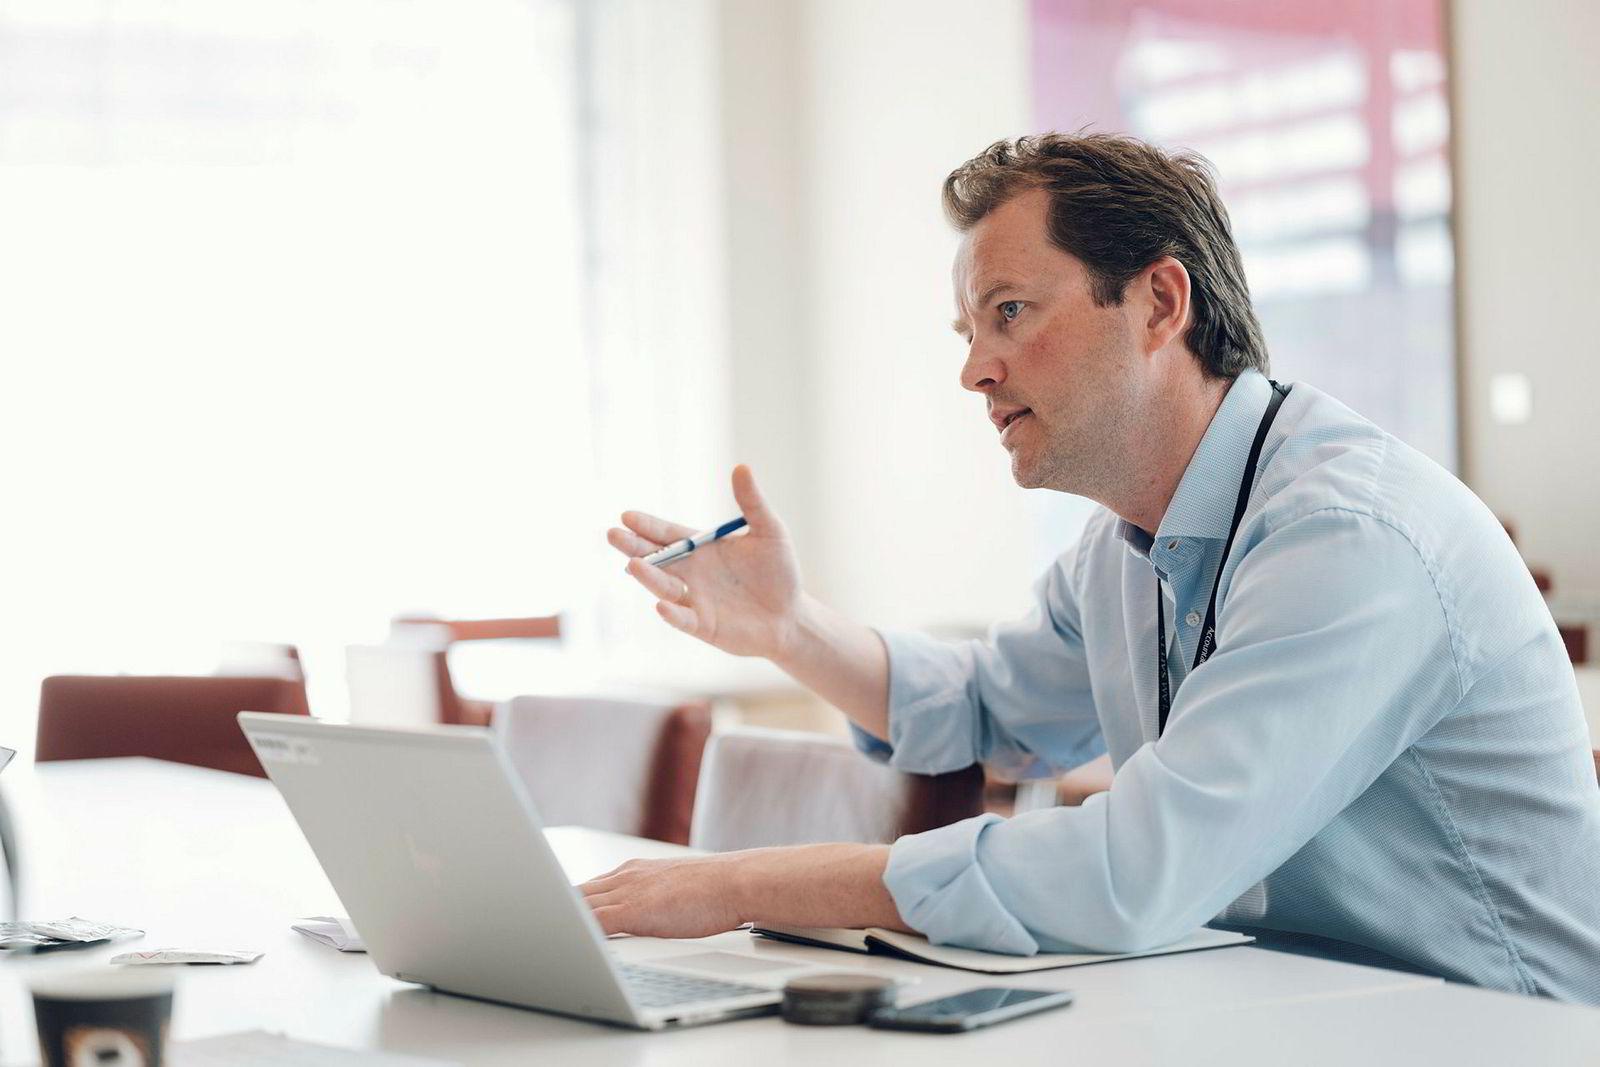 Kommunikasjonssjef i Equinor Bård Glad Pedersen sier Equinor ikke er registrert i Delaware av skattemessige grunner.